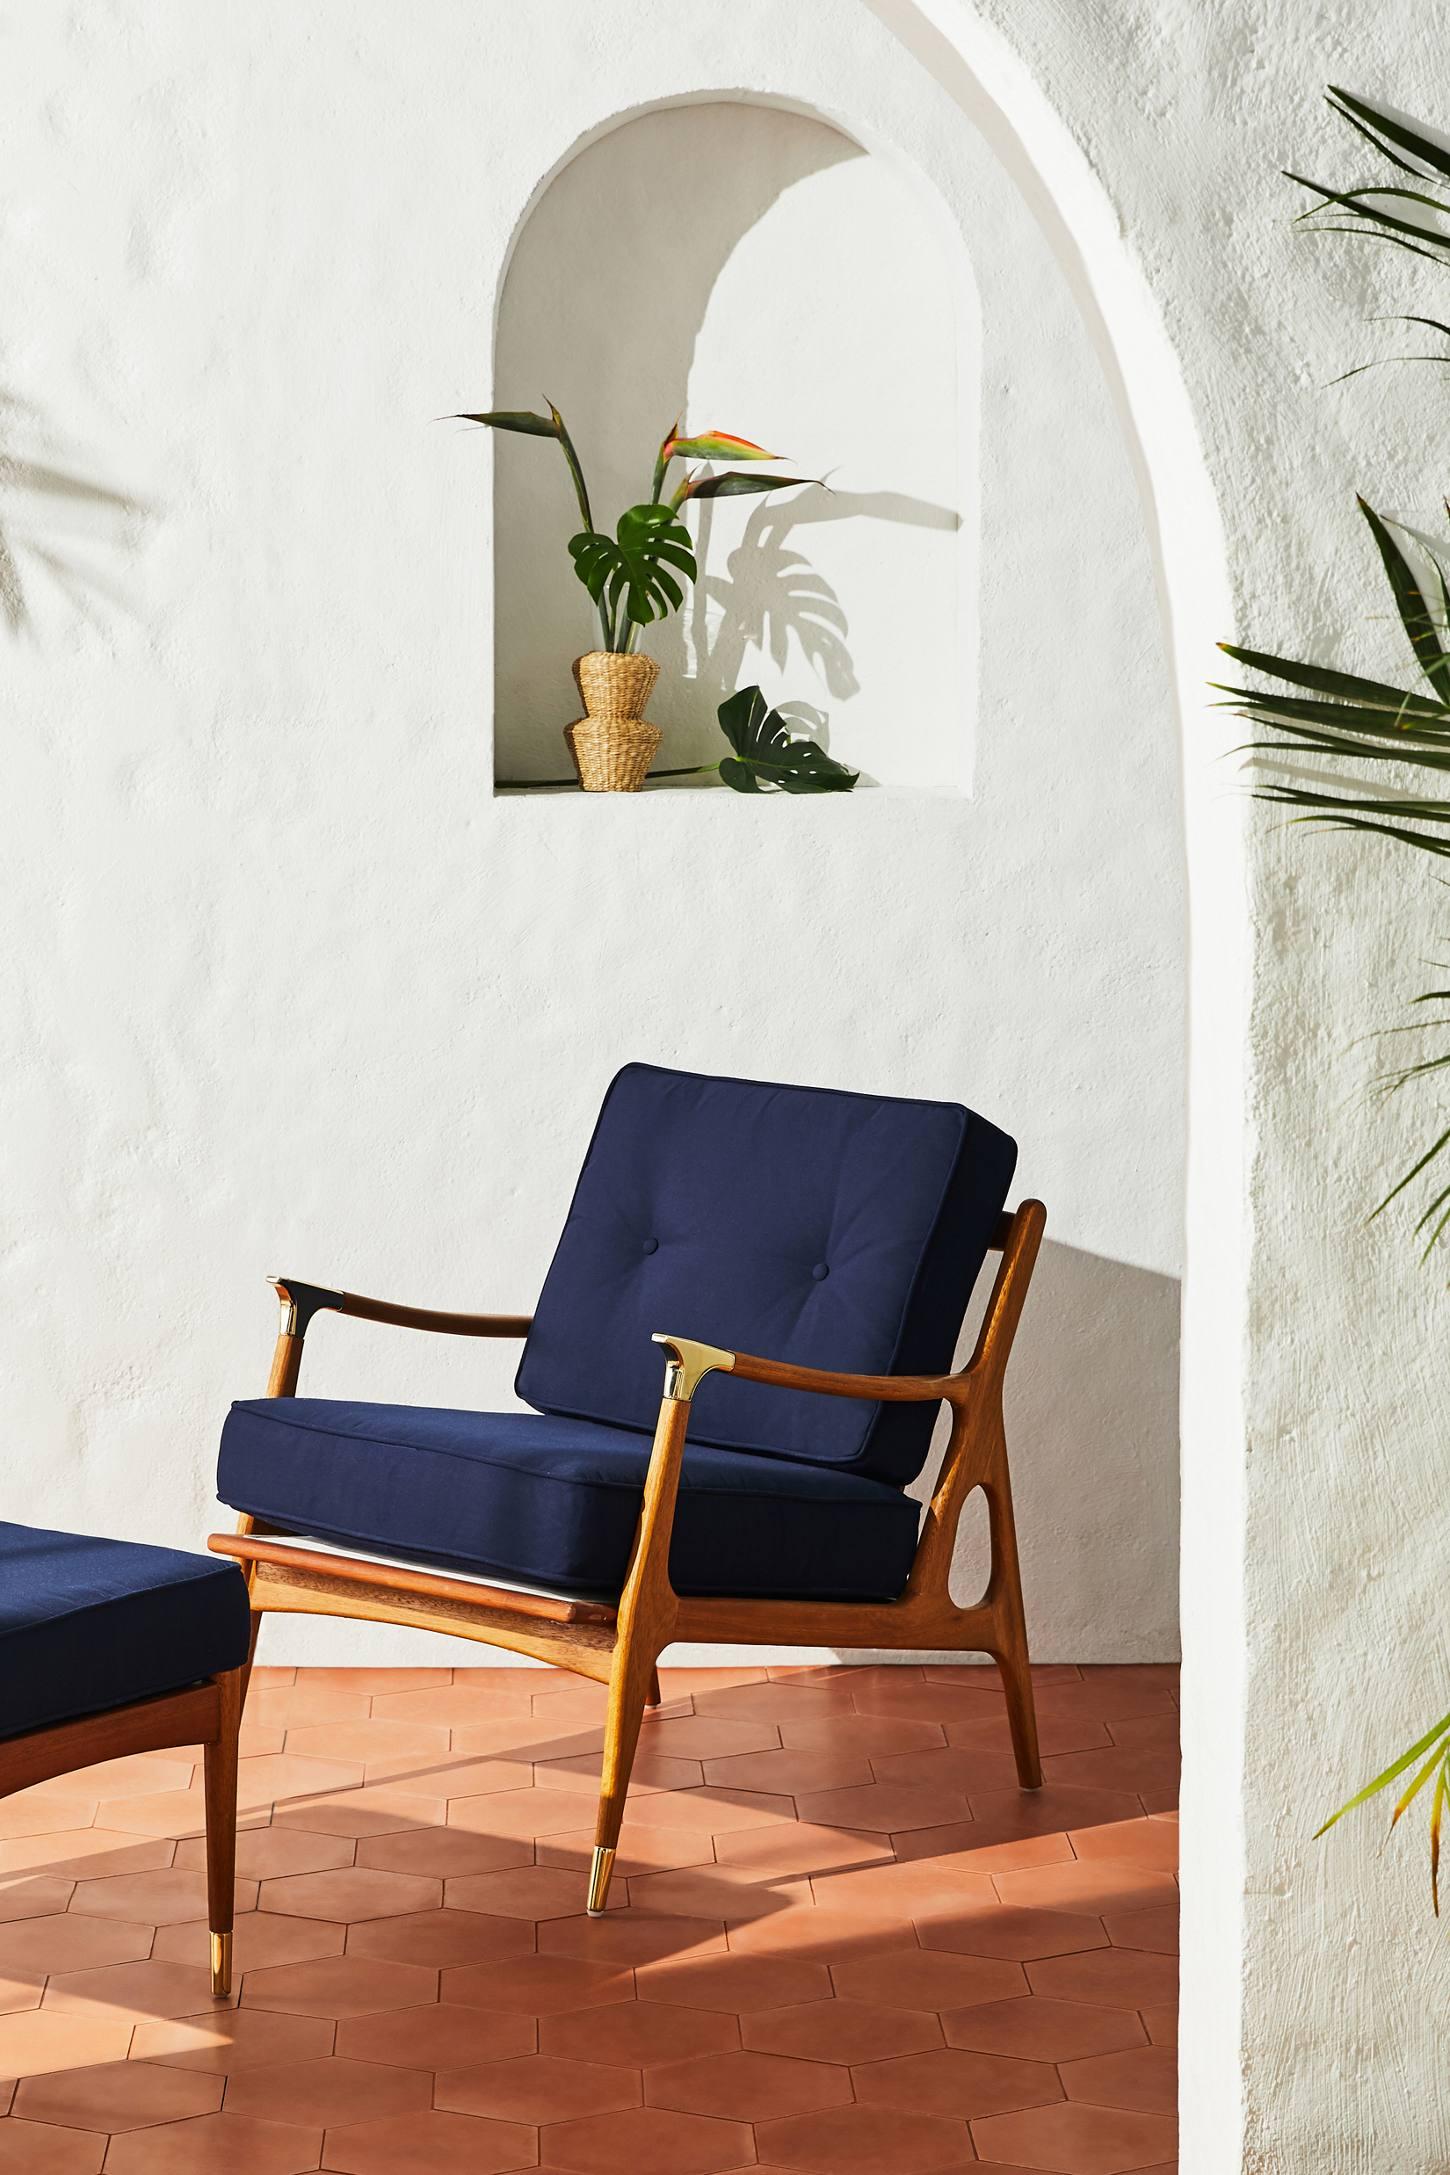 Haverhill Indoor/Outdoor Chair Indoor outdoor chair